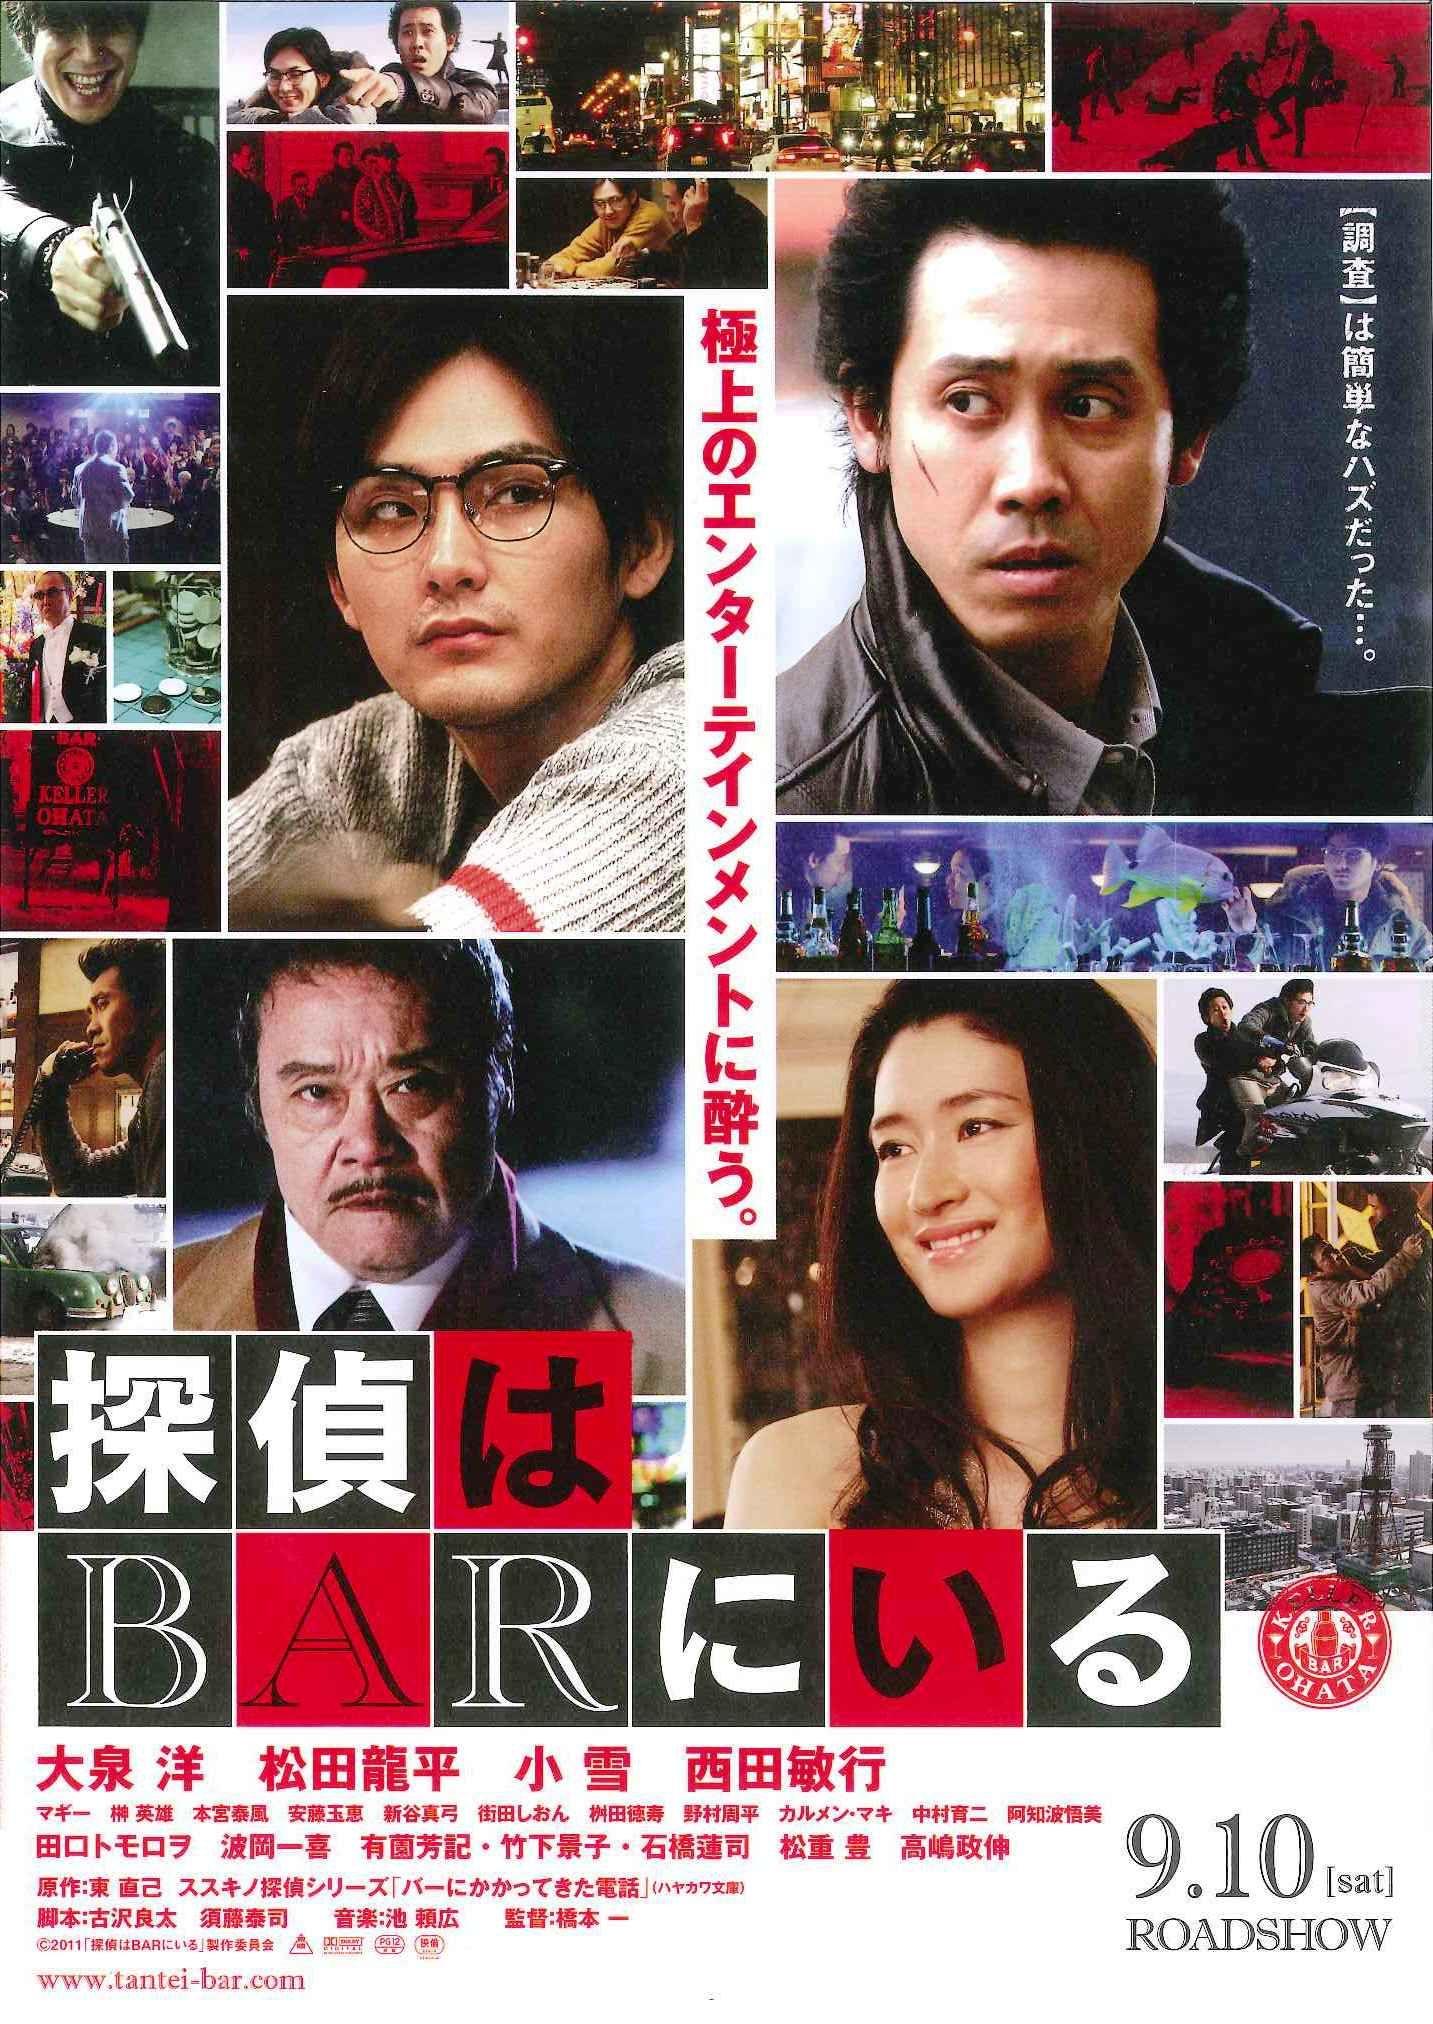 探偵はBARにいる | 海报 in 2019 | Drama movies, Movie posters